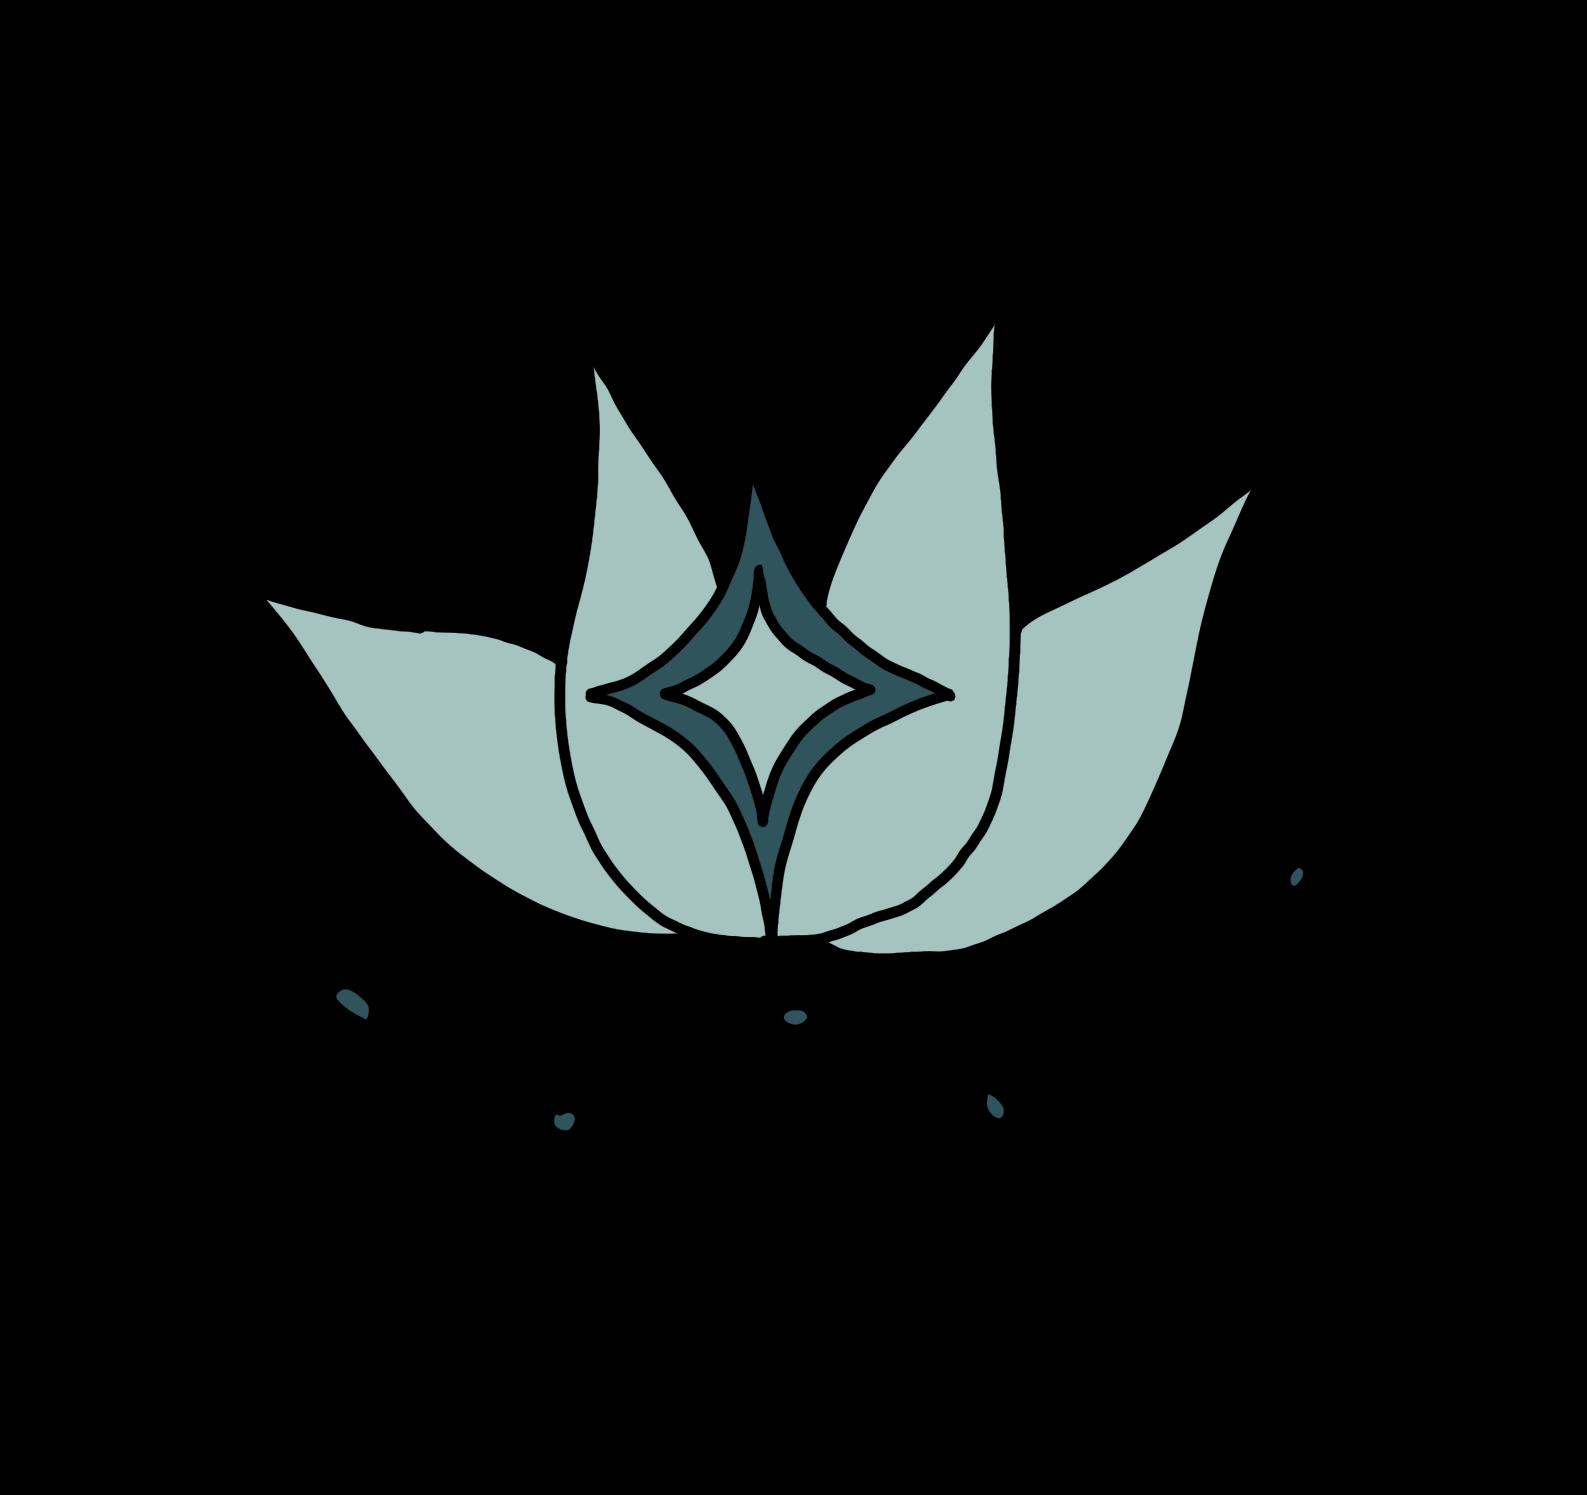 Sketch - Lotus